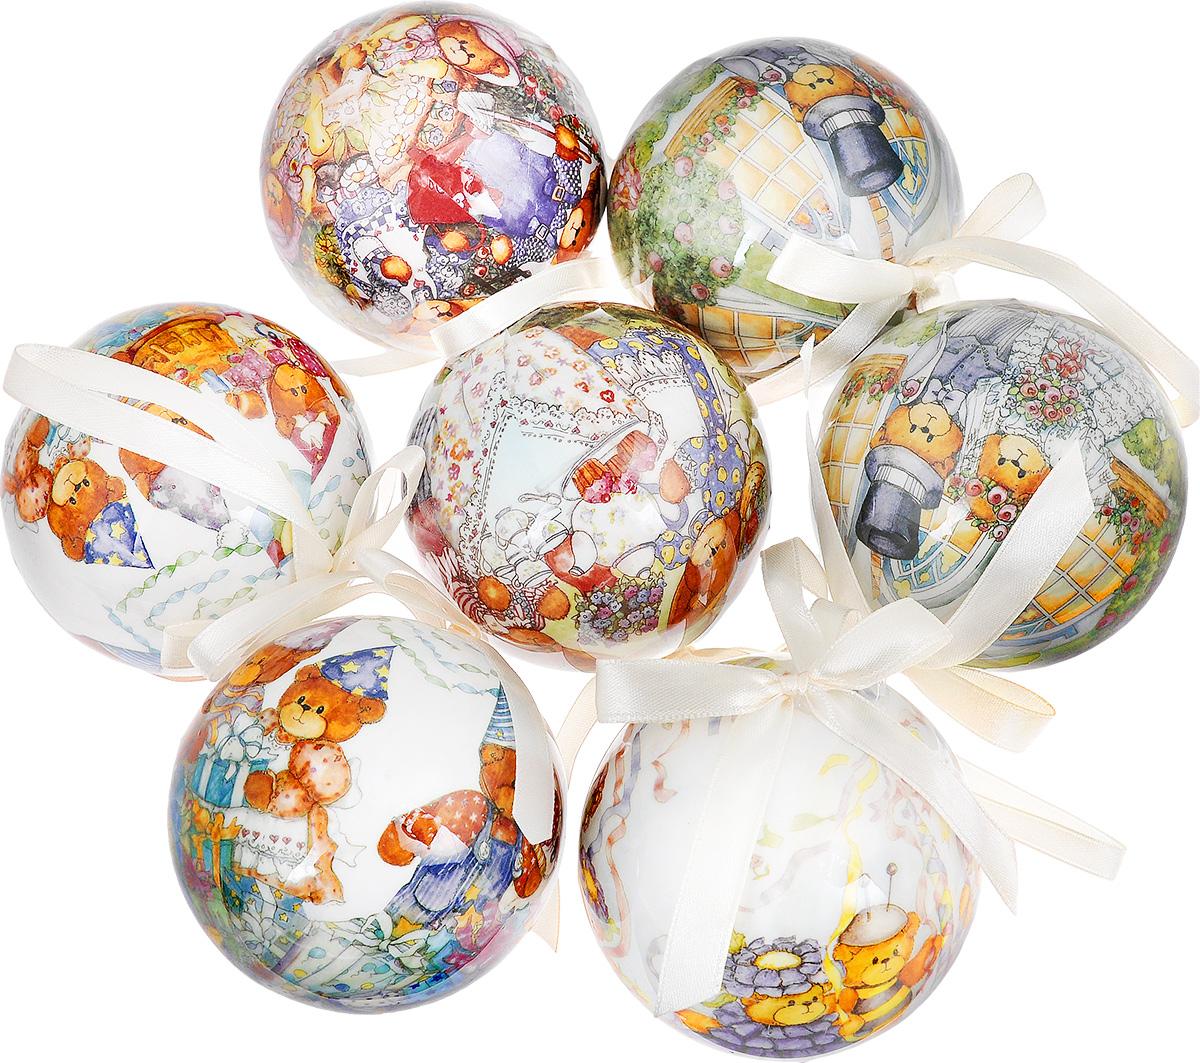 """Набор Winter Wings """"Мишки"""" отлично подойдет для декорации вашего дома и новогодней ели. Набор состоит из 7 украшений, выполненных из пластика в виде шаров. Изделия оформлены изображением забавных медведей. Изделия оснащены специальными текстильными петельками для подвешивания.  Набор упакован в красочную подарочную коробку.  Елочная игрушка - символ Нового года. Она несет в себе волшебство и красоту праздника. Создайте в своем доме атмосферу веселья и радости, украшая всей семьей новогоднюю елку нарядными игрушками, которые будут из года в год накапливать теплоту воспоминаний."""